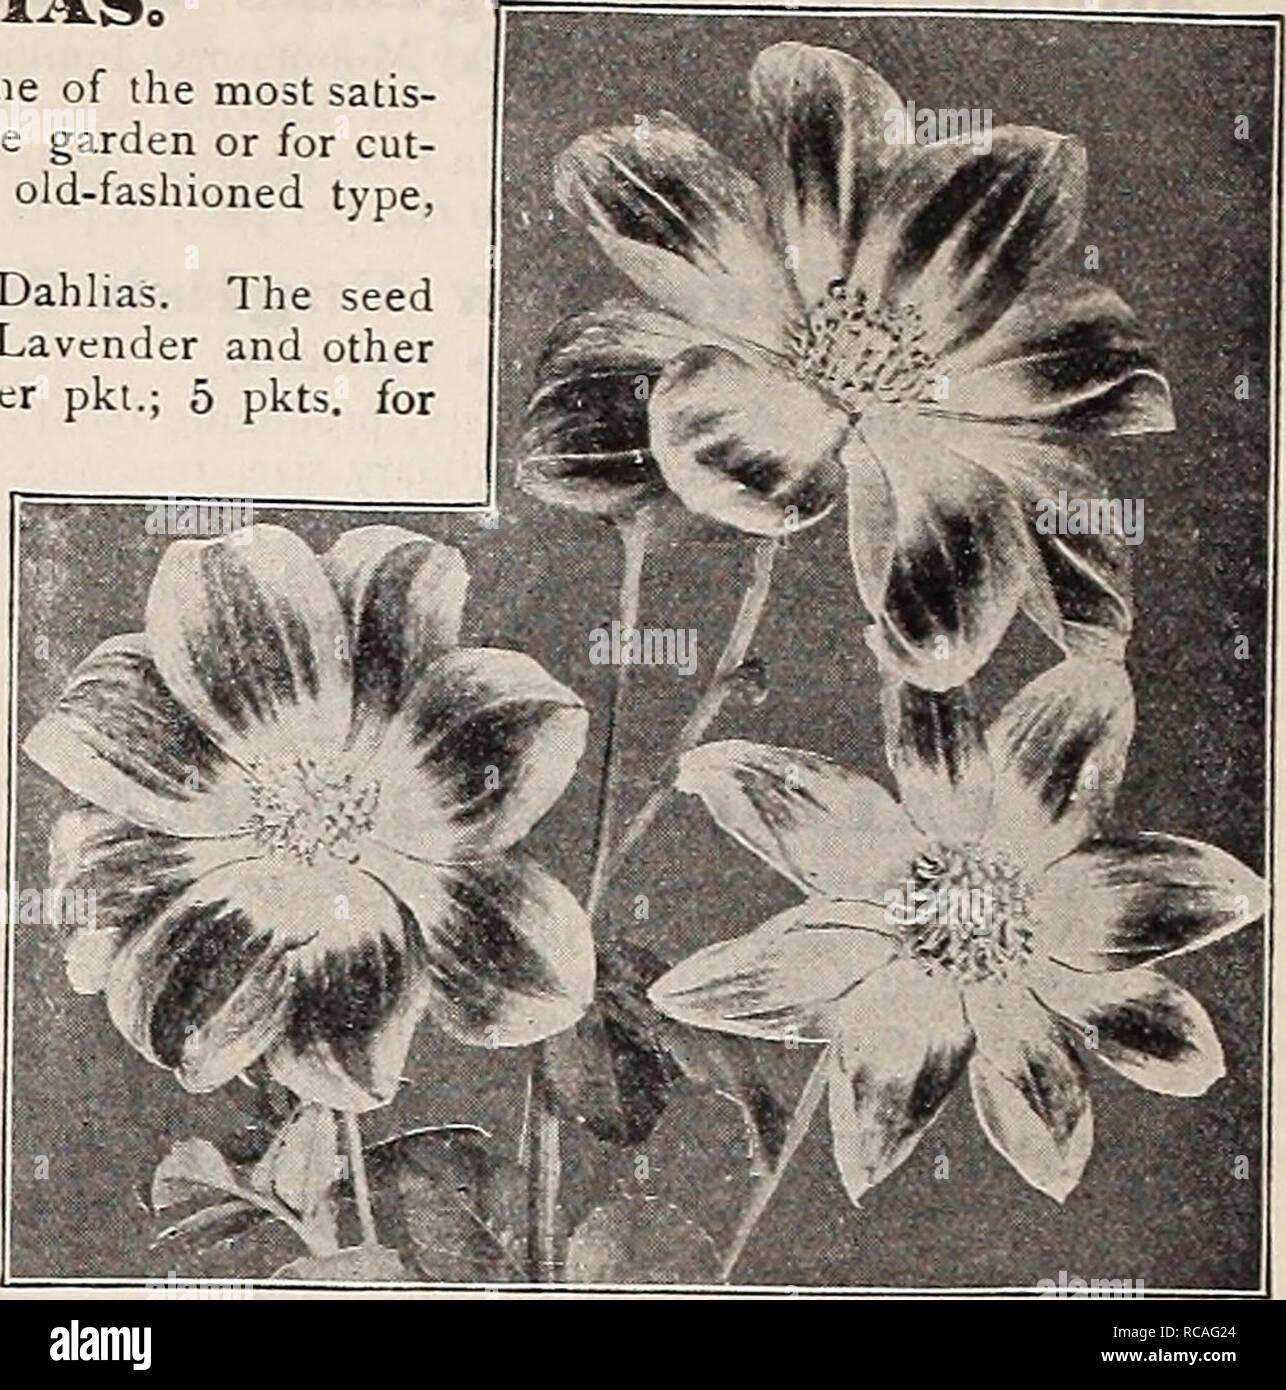 """. Dreer's Garten Buch: 1906. Samen Kataloge; Baumschulen Kataloge; Gartengeräte und Zubehör Kataloge; Blumen Samen Kataloge; Gemüse; Früchte Samen Samen Kataloge Kataloge. 12 1 l^ """"RrADRE! R4) hl [ADELPHIAMWFiOWFBFFn KnyFiTiF^- iTtn GRAND NEW^ SINGI. E DAHI. IAS 0 Single Dahlien sind eine der einfac. st Sachen vom Samen zum Wachsen und eine der am meisten satis - faclory Spätsommer und Herbst Blumen für die Dekoration des Gartens oder für Cut-ting. Die drei neuen Sorten unten angeboten werden, sind weit im Voraus der altmodischen Art und sollte einen Platz in jedem Garten finden. """"2187 Neue Centu Stockbild"""